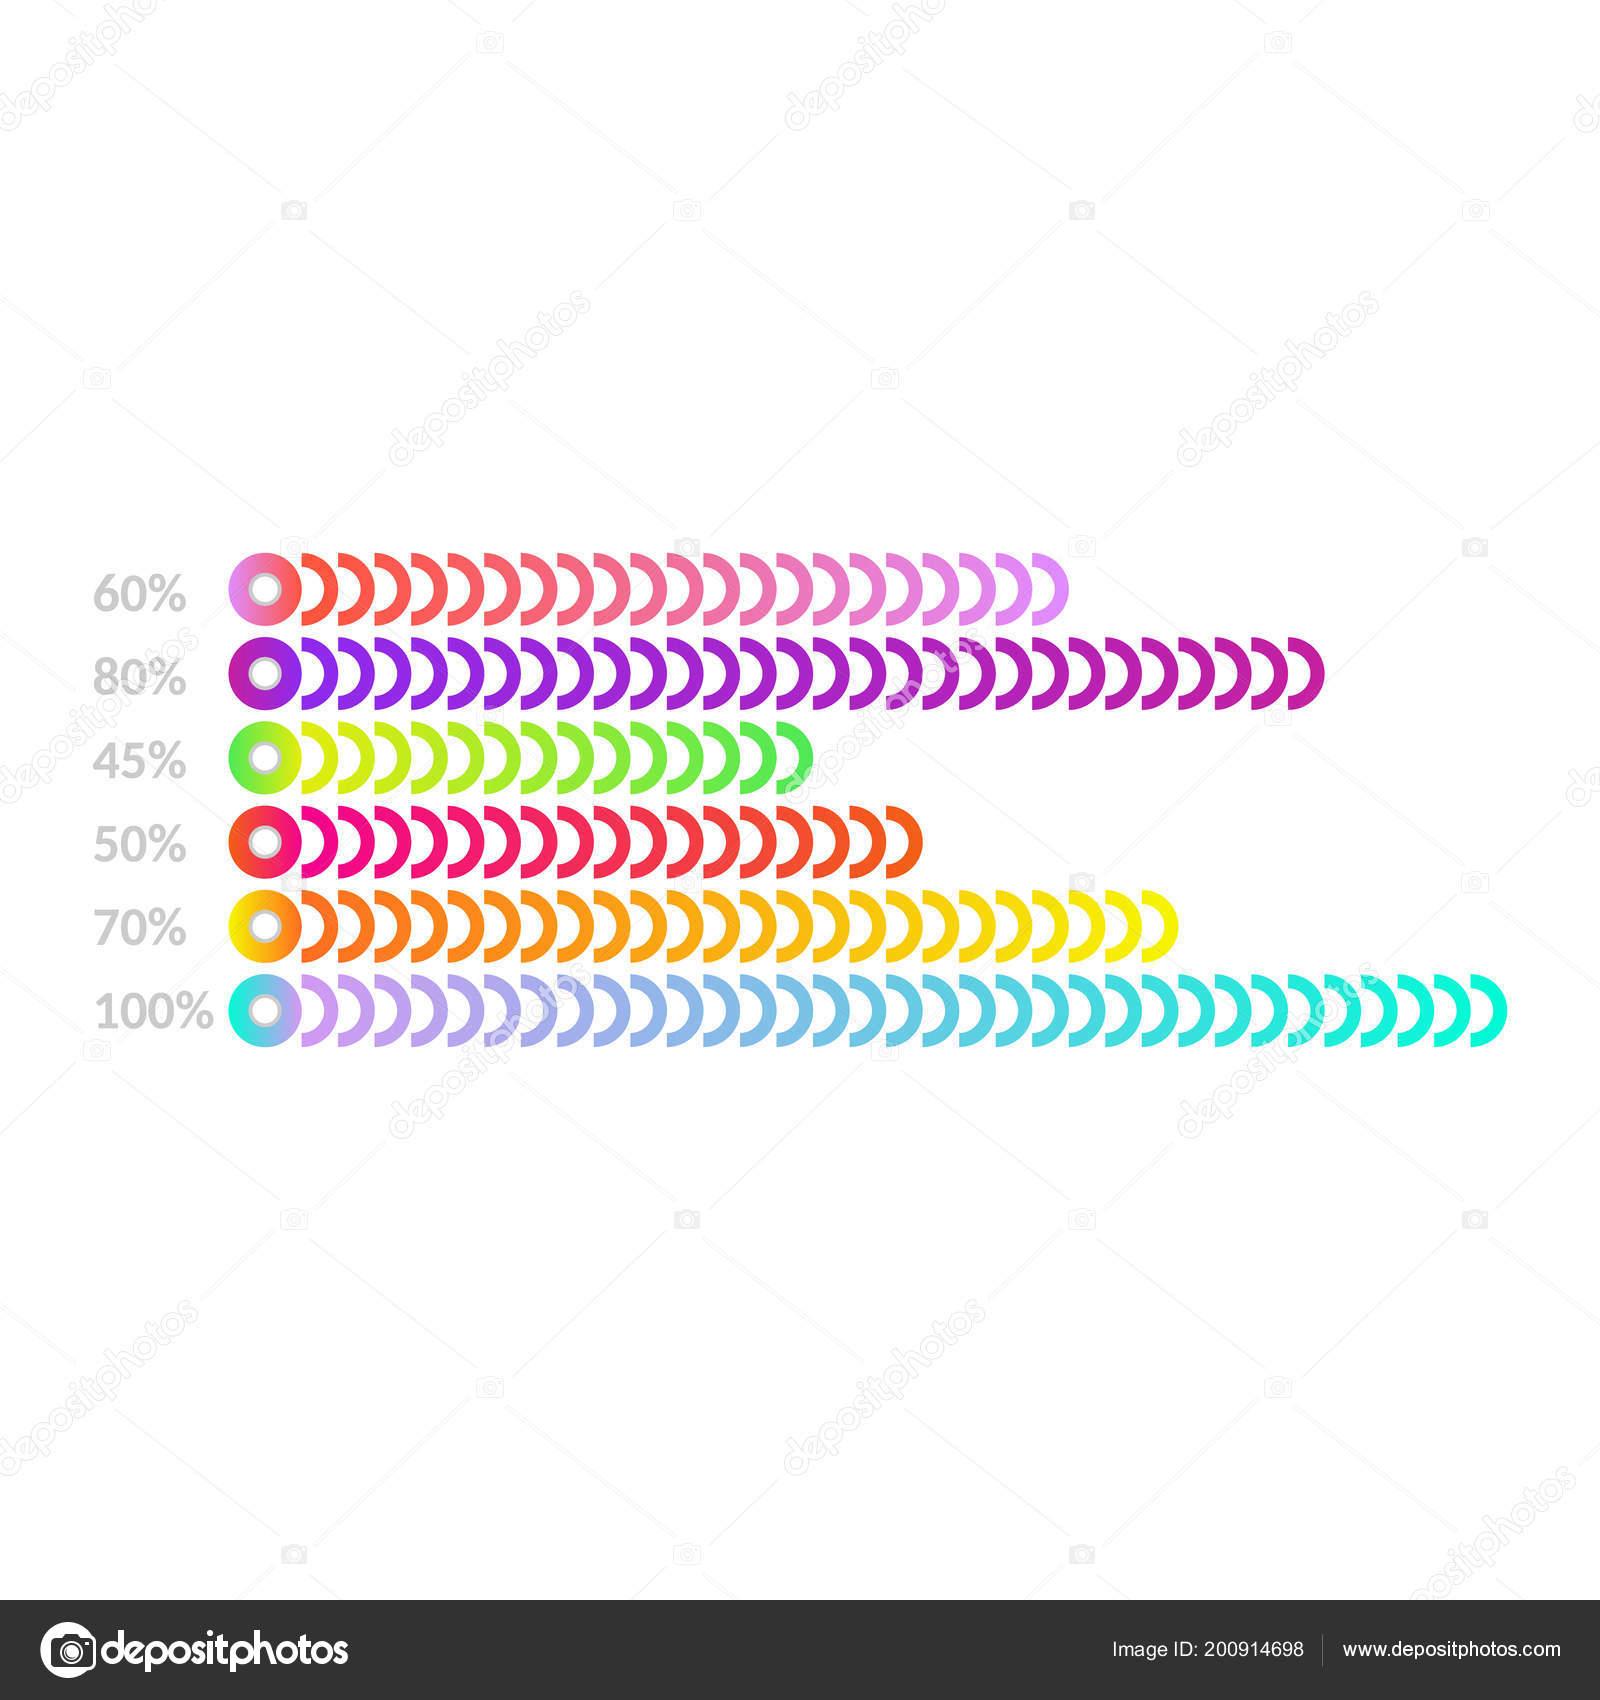 horizontal bar chart template - business flat design graph for